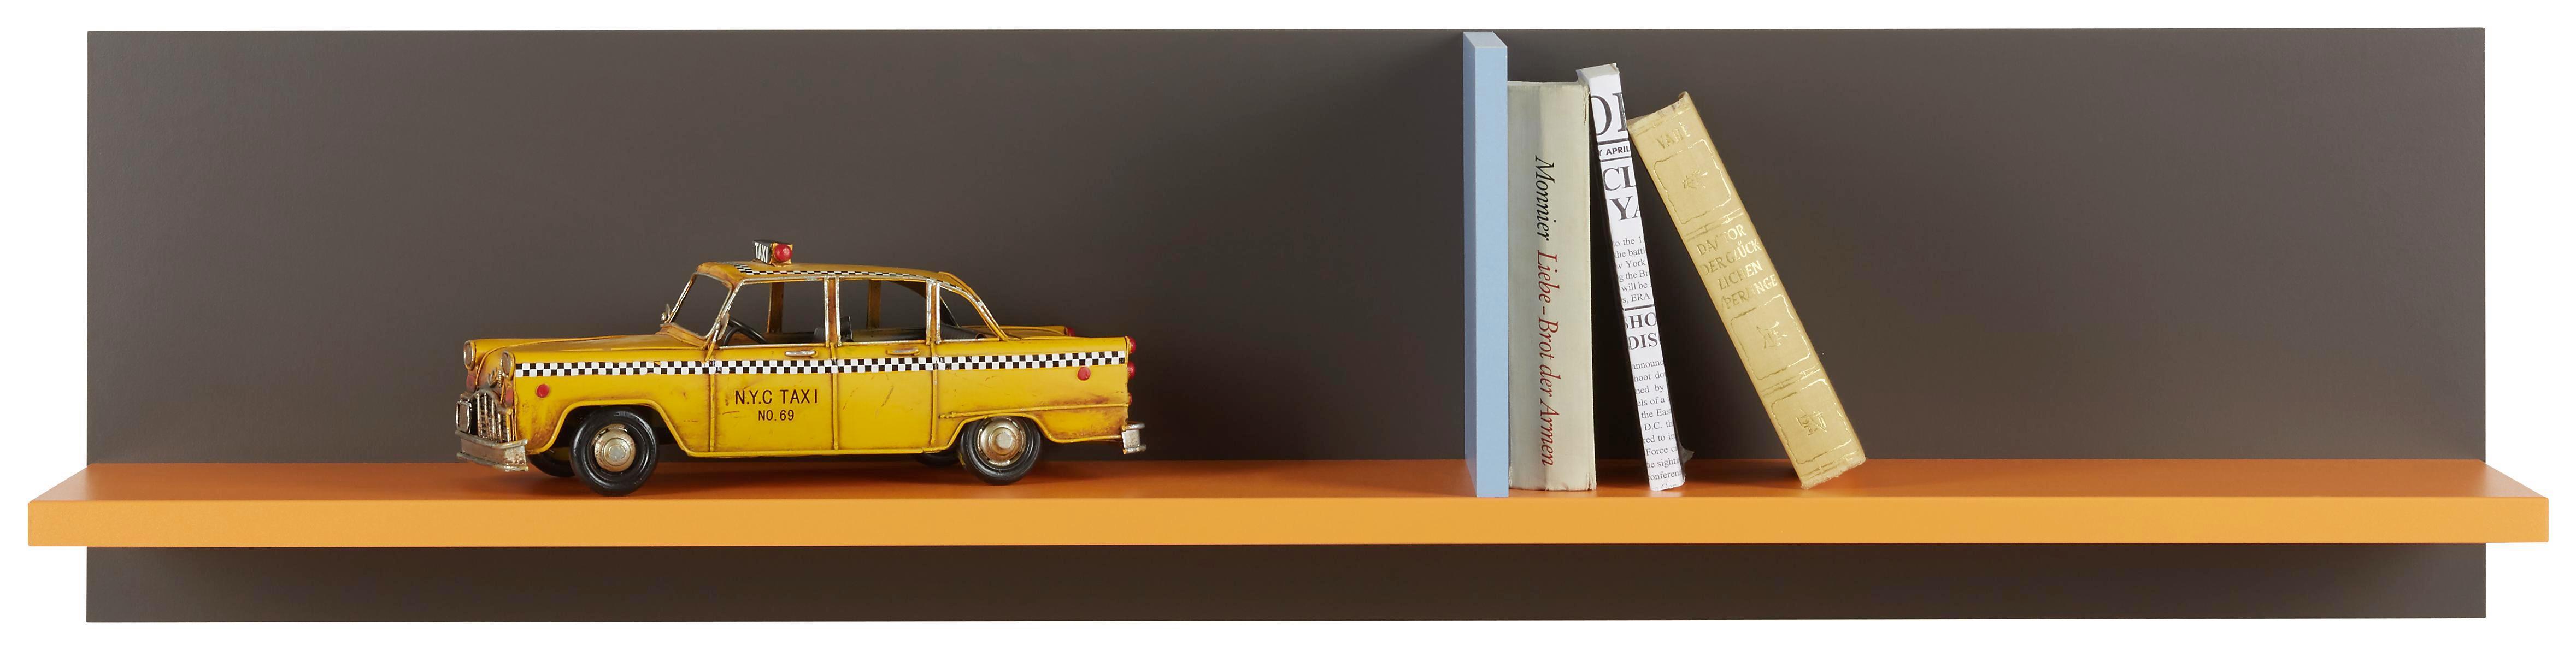 Wandboard in Blau/Grau/Orange - Blau/Orange, MODERN, Holzwerkstoff/Kunststoff (120/30/22cm) - MODERN LIVING